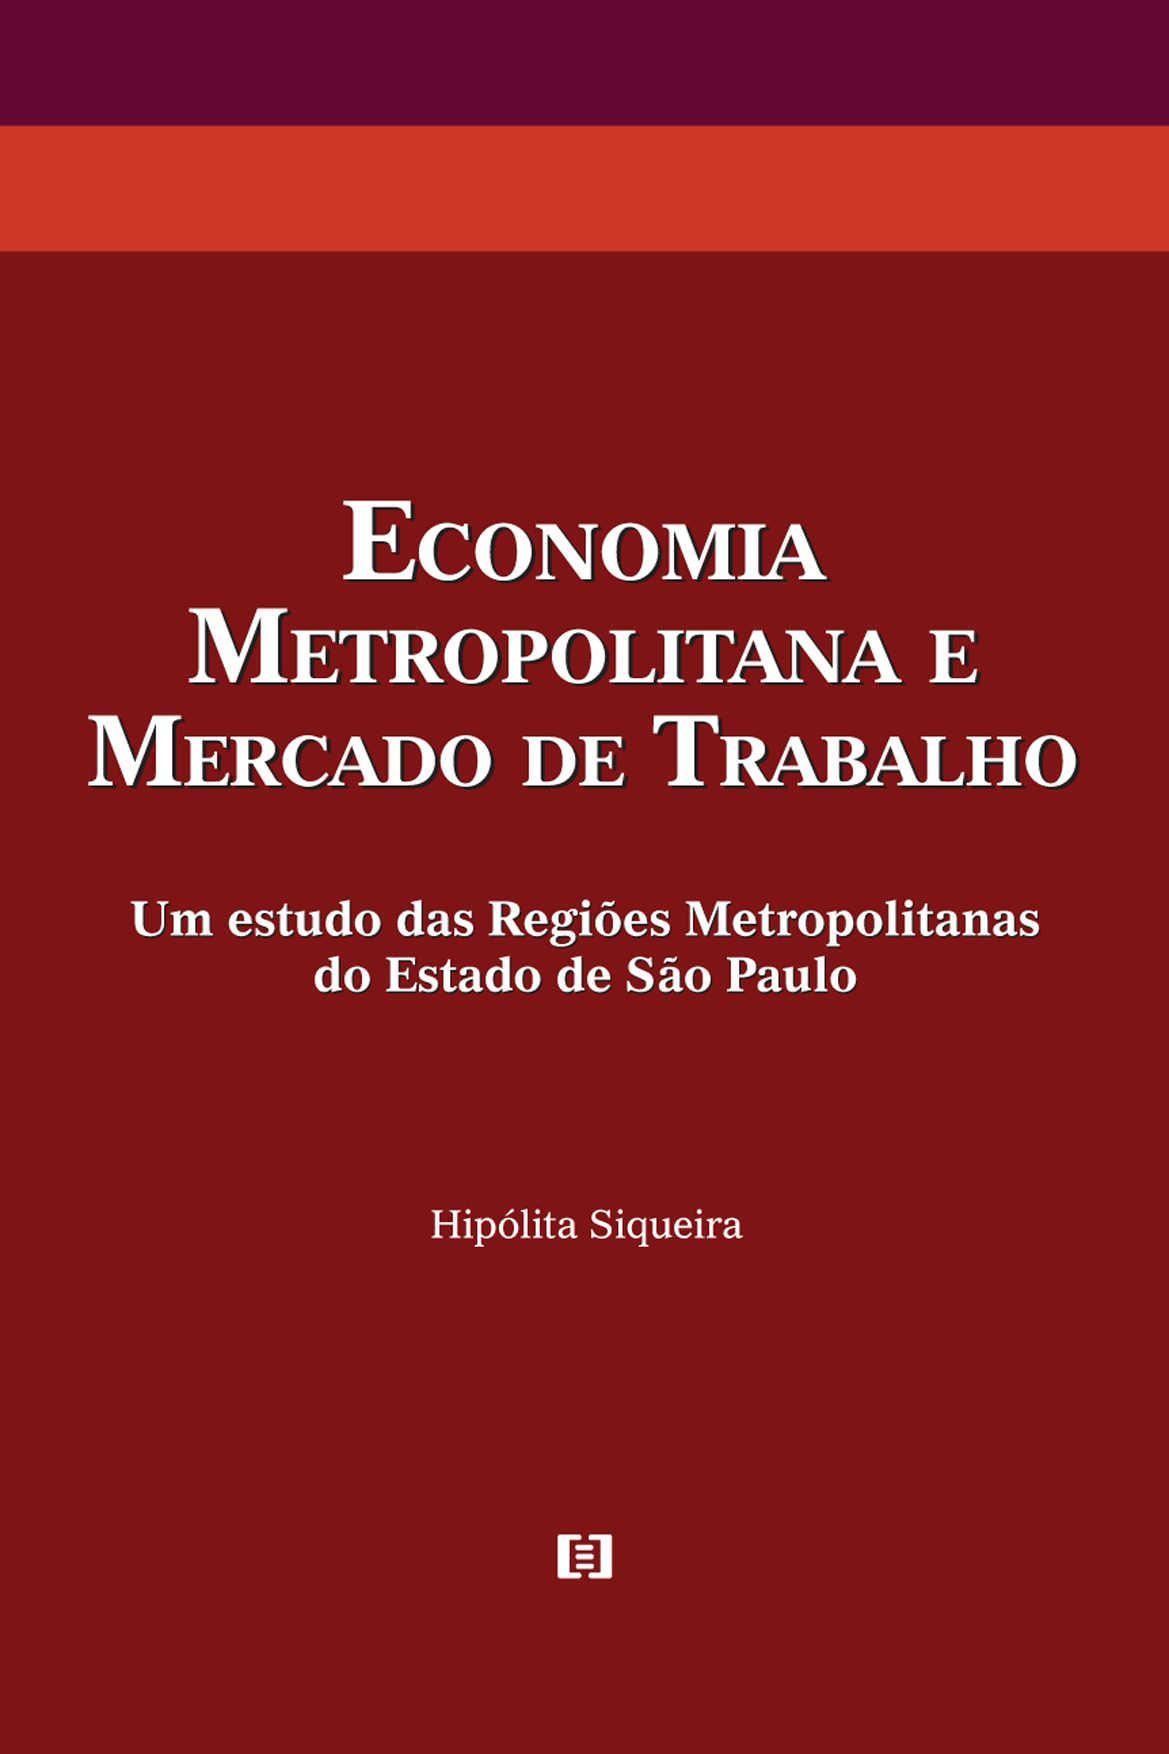 Economia metropolitana e mercado de trabalho: Um estudo das Regiões Metropolitanas do Estado de São Paulo